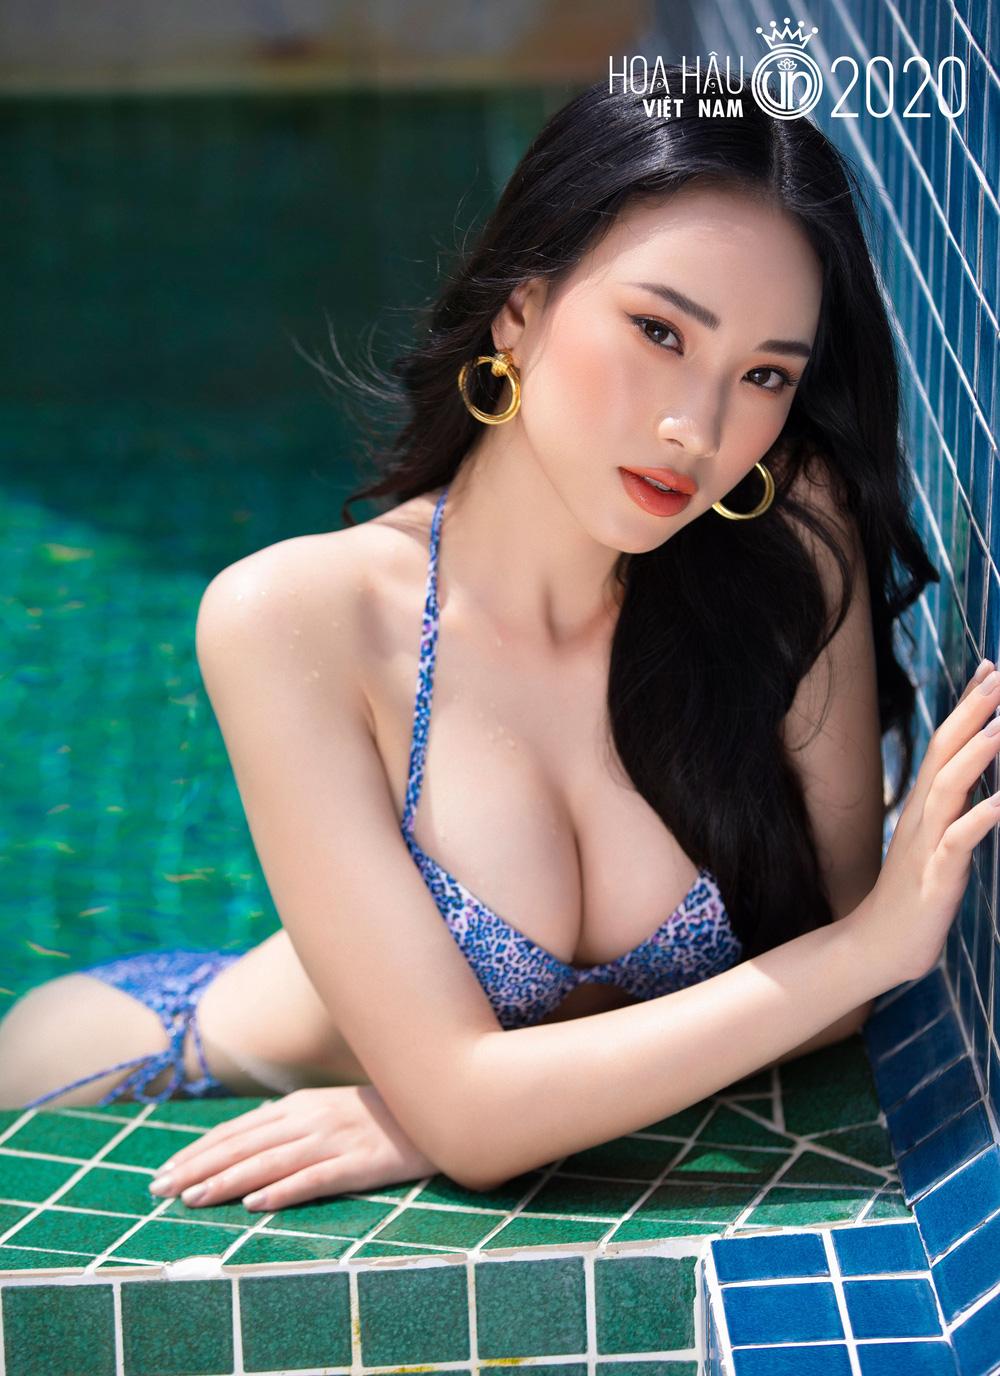 Trọn bộ ảnh bikini trước thềm Chung kết Hoa hậu Việt Nam 2020 - Ảnh 18.